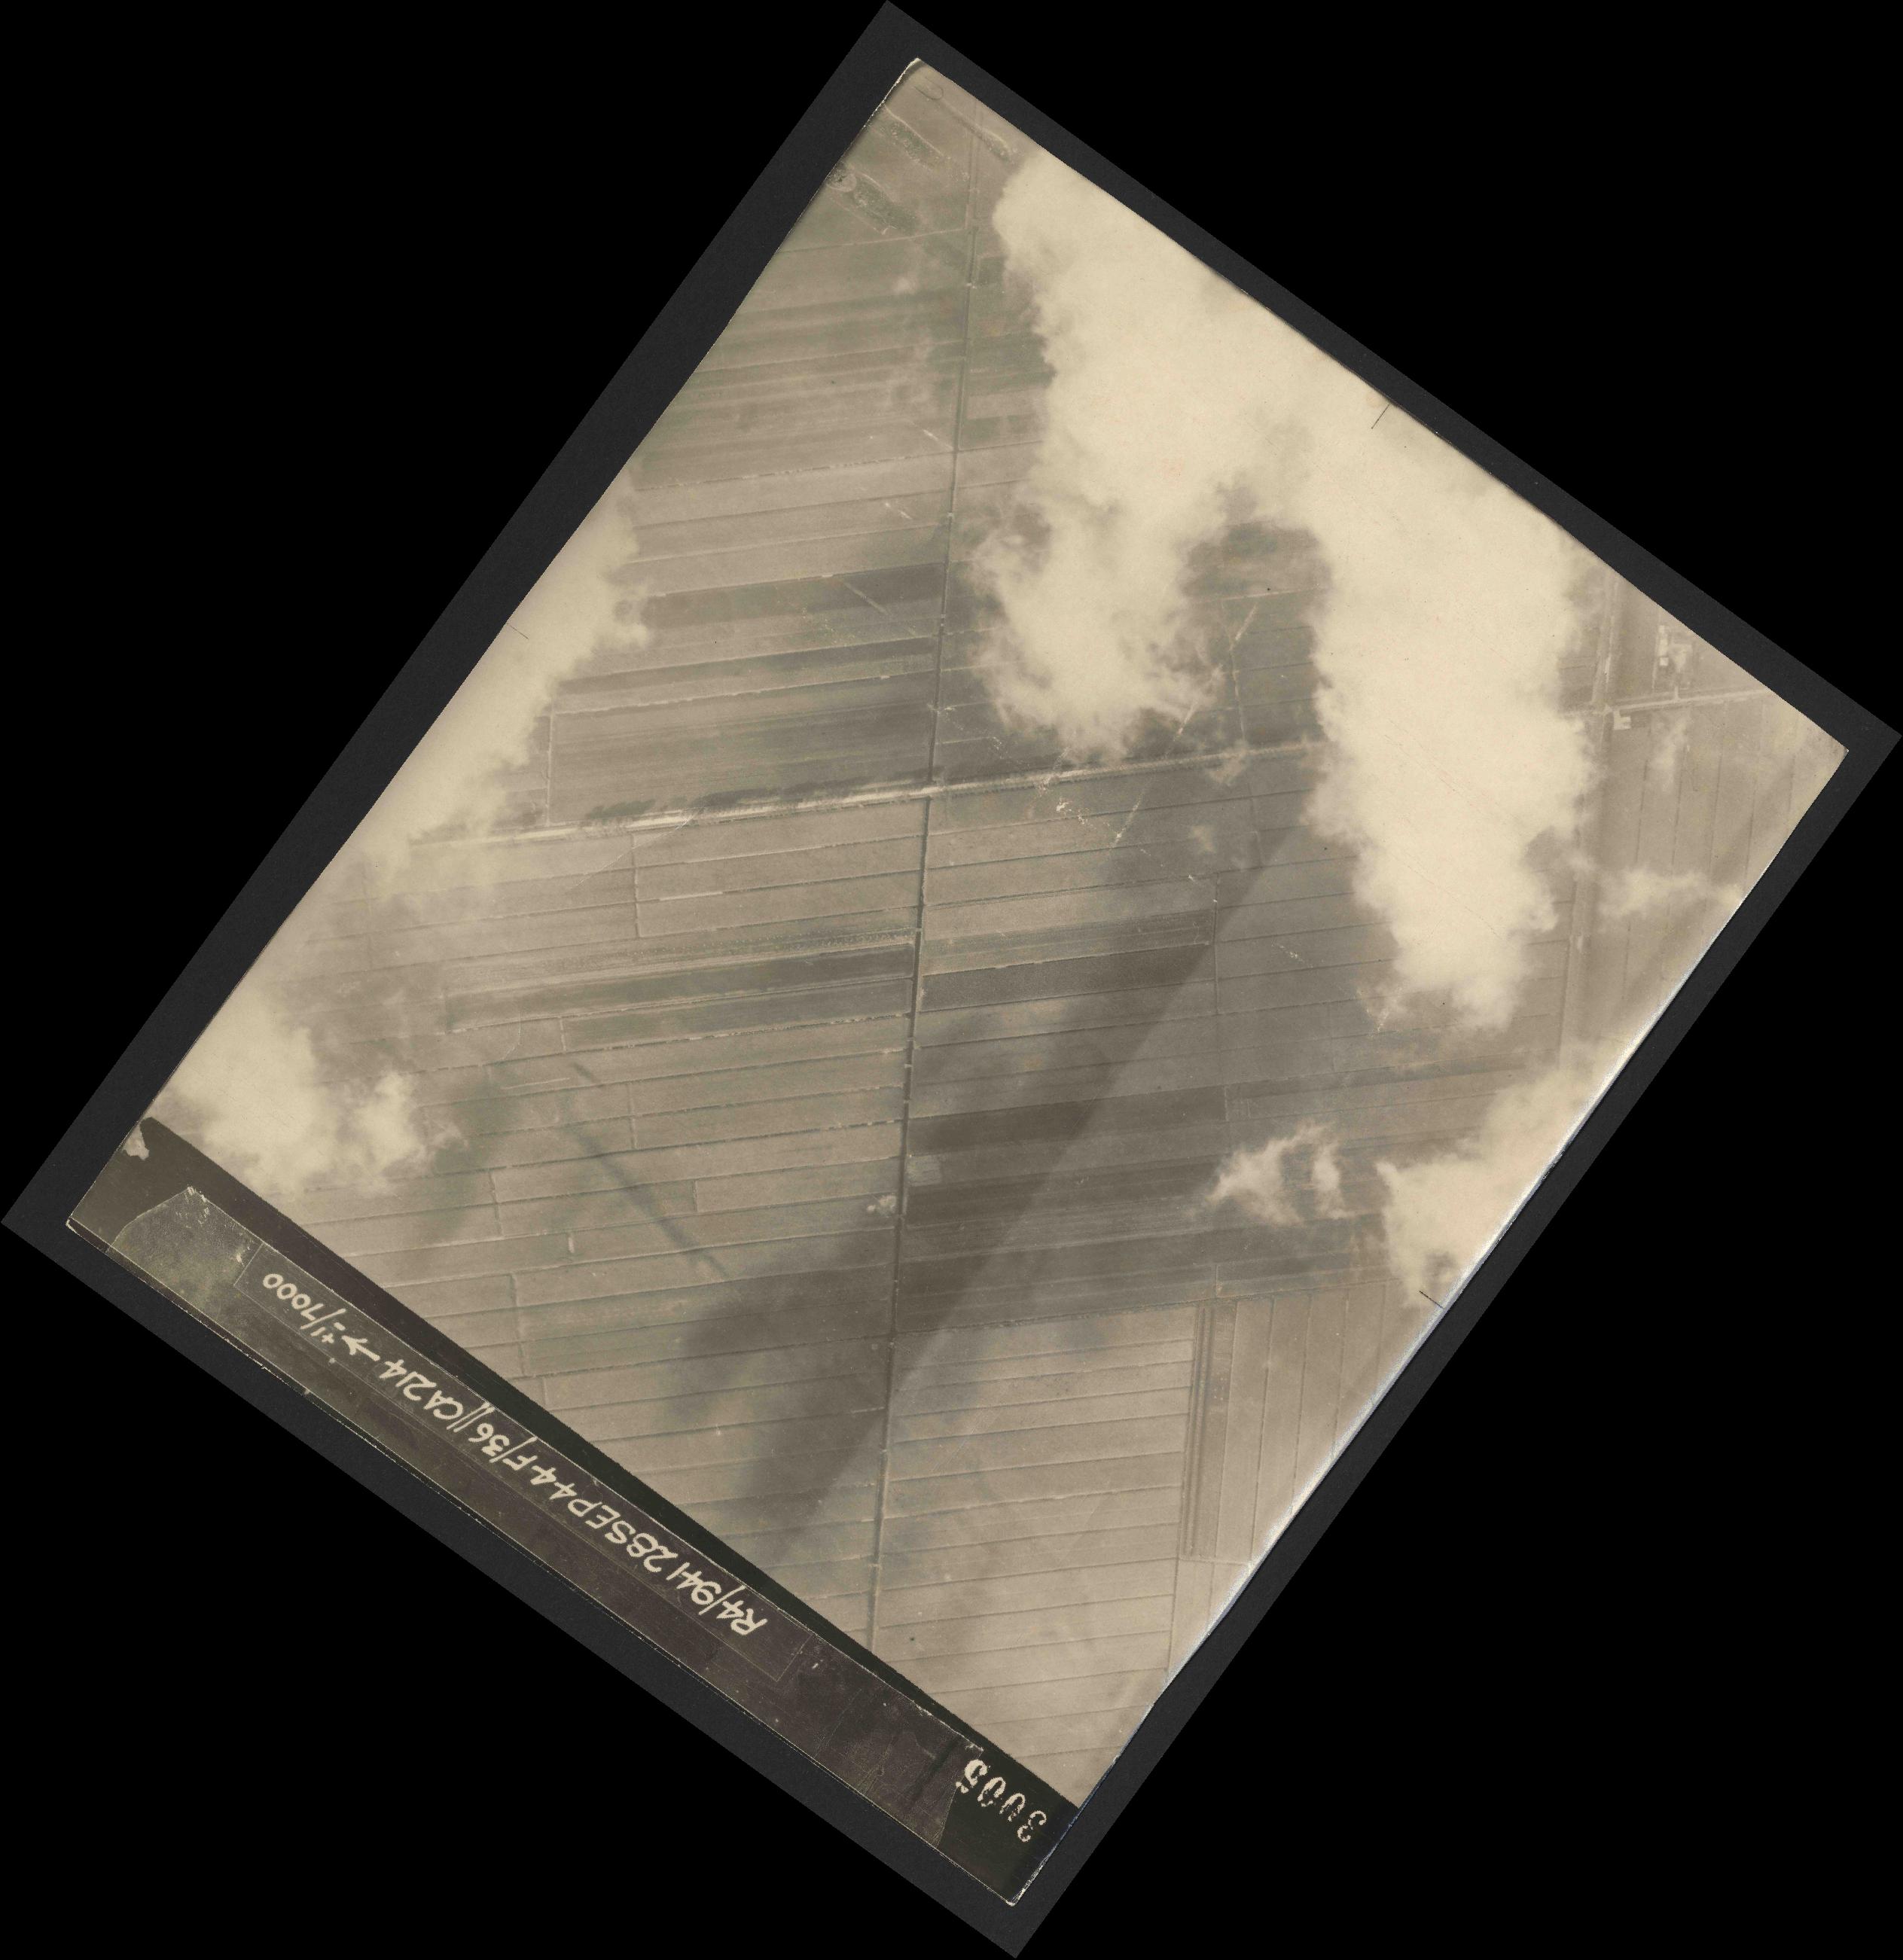 Collection RAF aerial photos 1940-1945 - flight 067, run 02, photo 3005